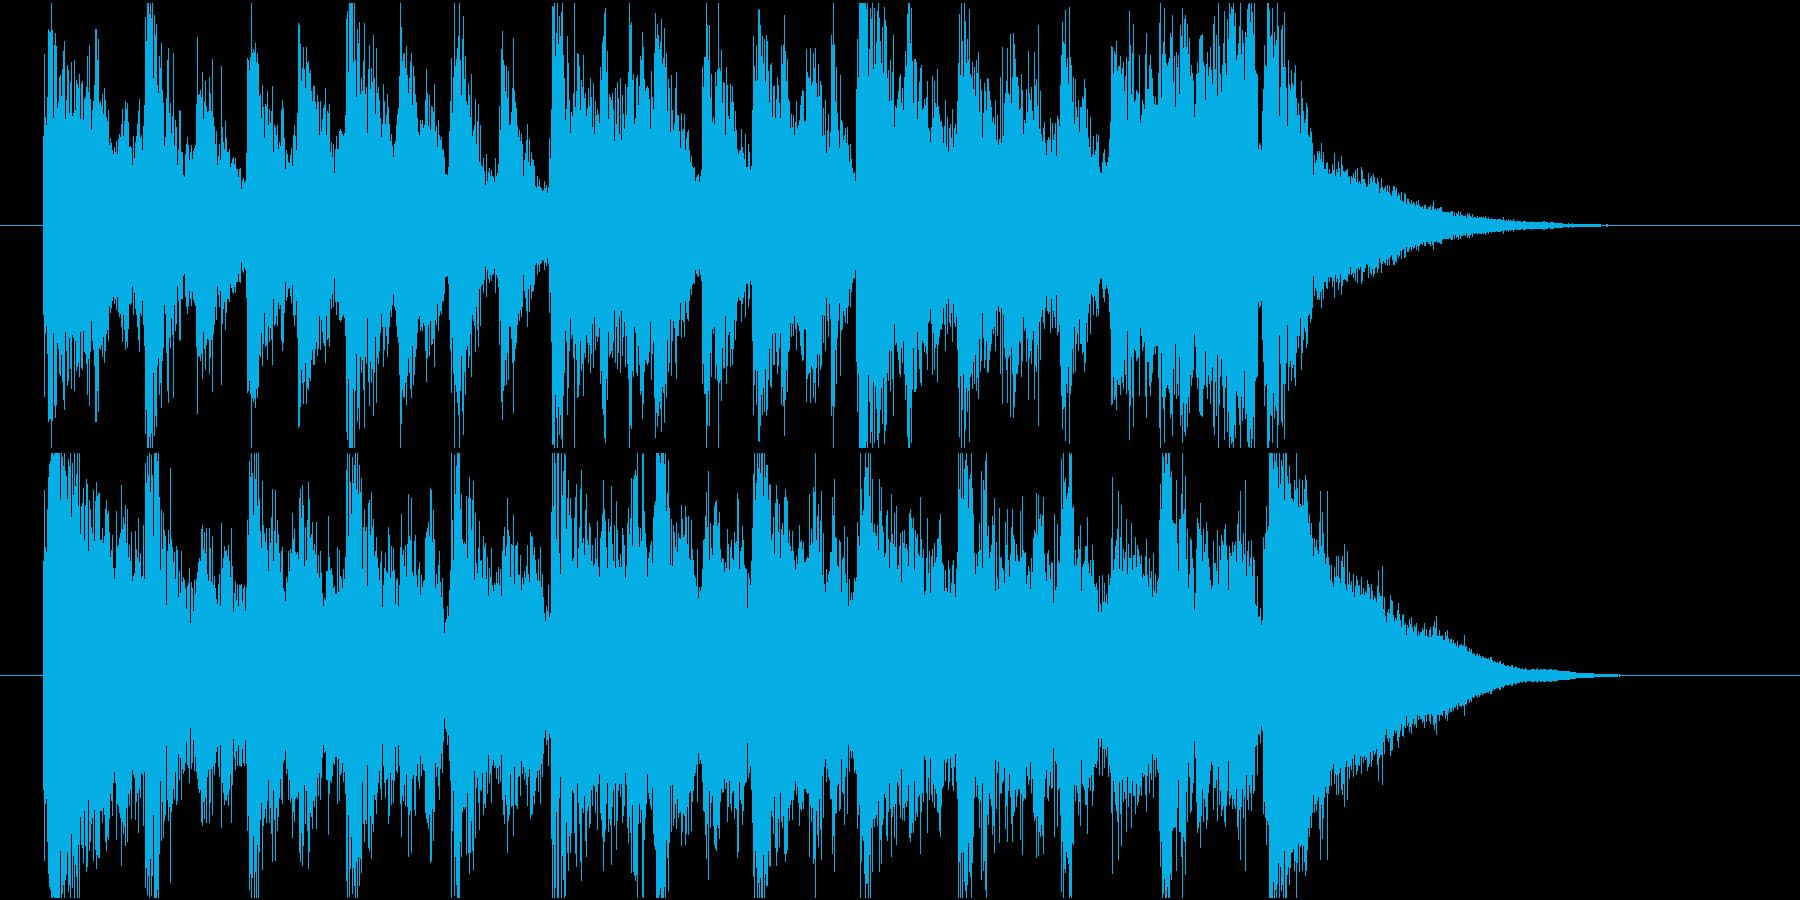 【ジングル】前向きなマーチ風ジングルの再生済みの波形